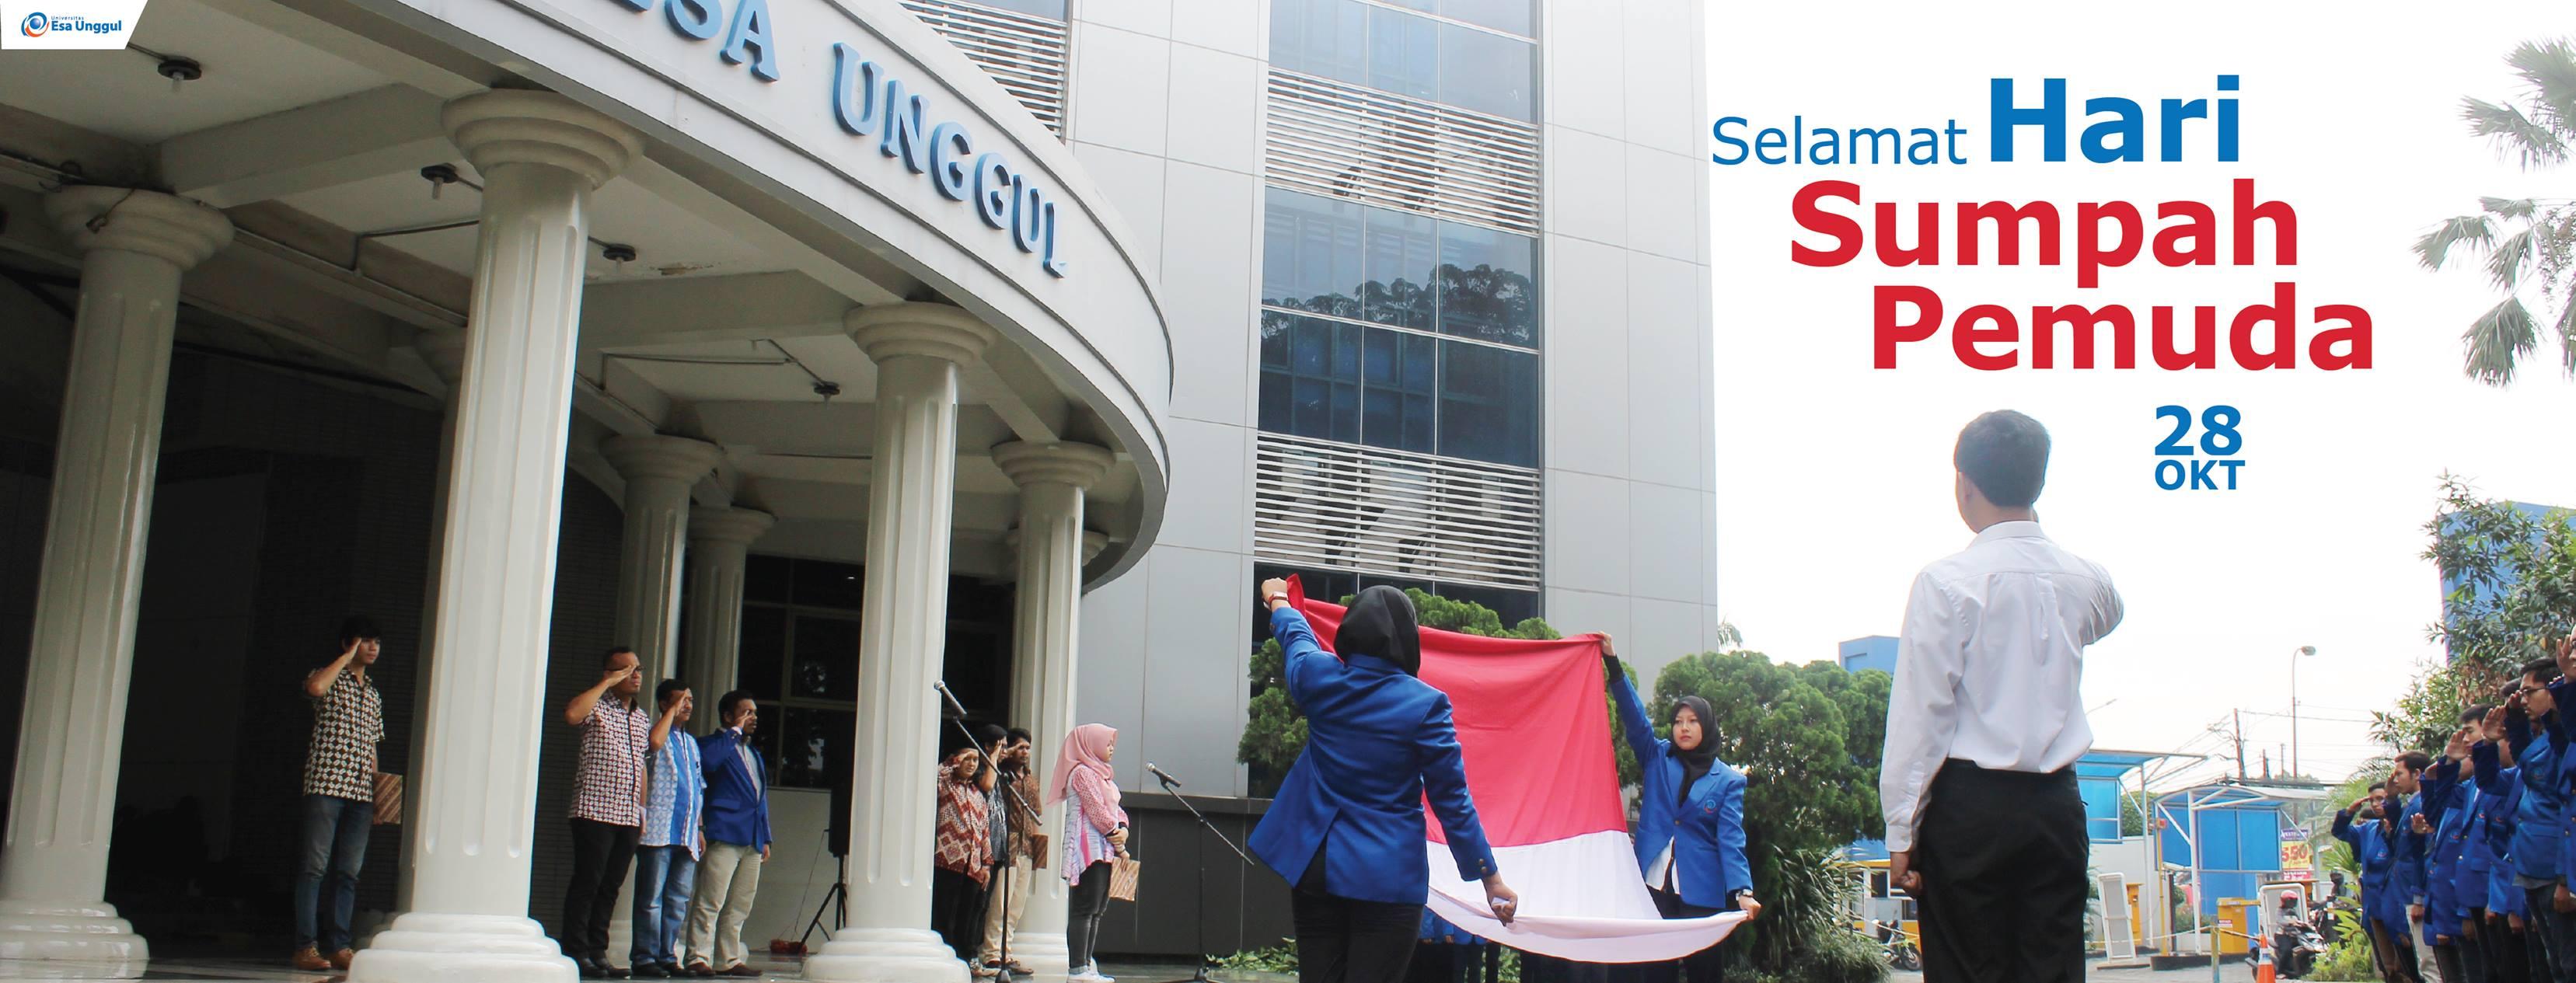 Universitas Esa Unggul Memperingati Hari Sumpah Pemuda